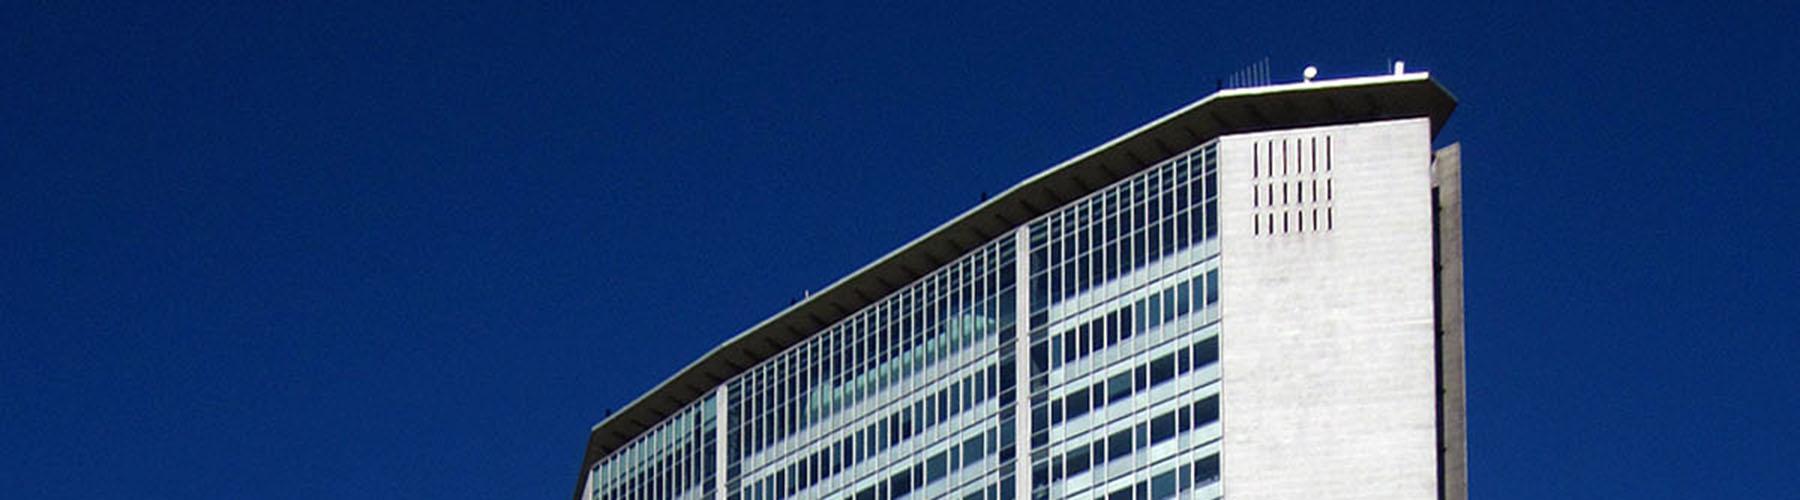 밀라노 - 피렐리 타워와 가까운 호스텔. 밀라노의 지도, 밀라노에 위치한 호스텔 사진 및 후기 정보.